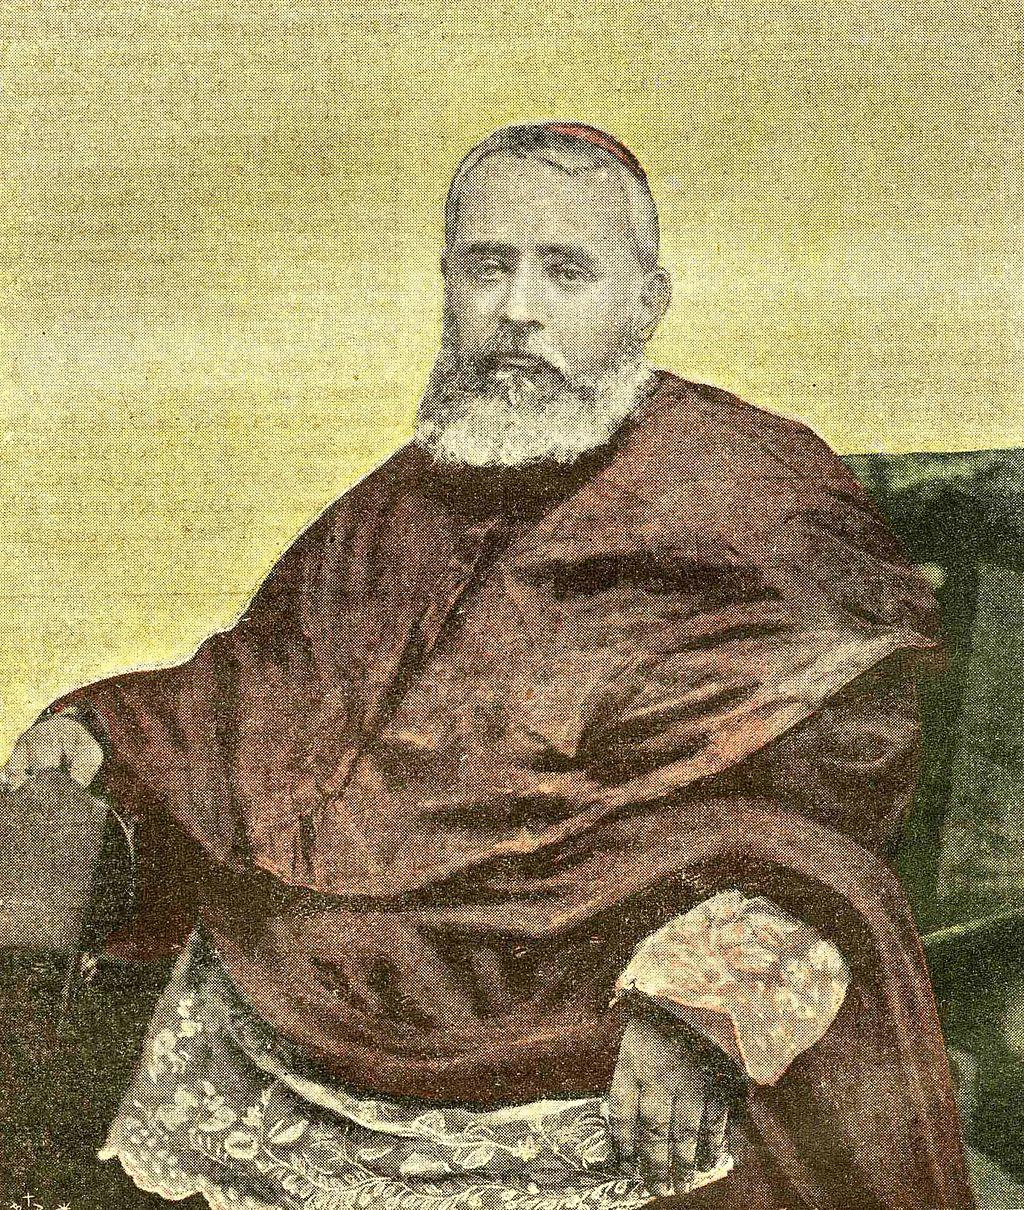 José de Calasanz Vives y Tuto